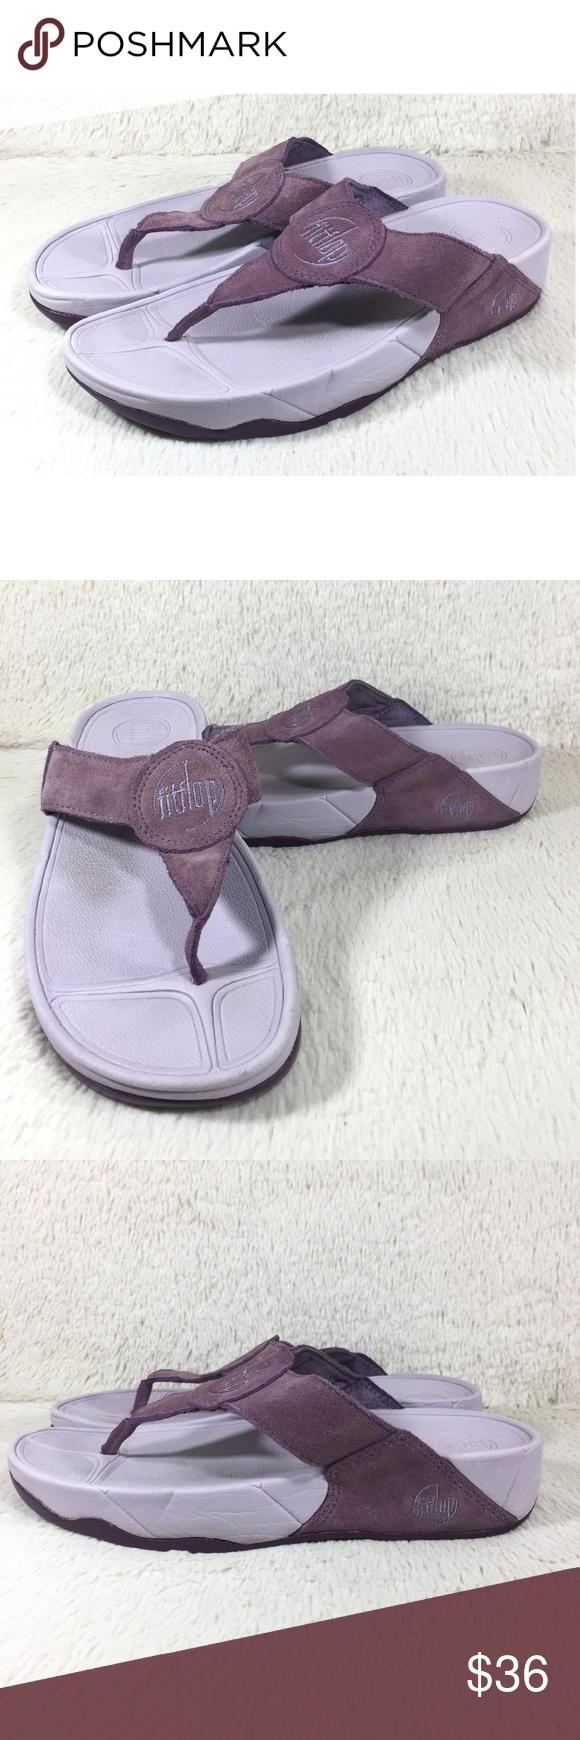 09d3441a26ff FitFlop Sandals Oasis Flip Flops Women Size 8 EUC FitFlop Sandals Oasis  Flip Flops Womens Thongs